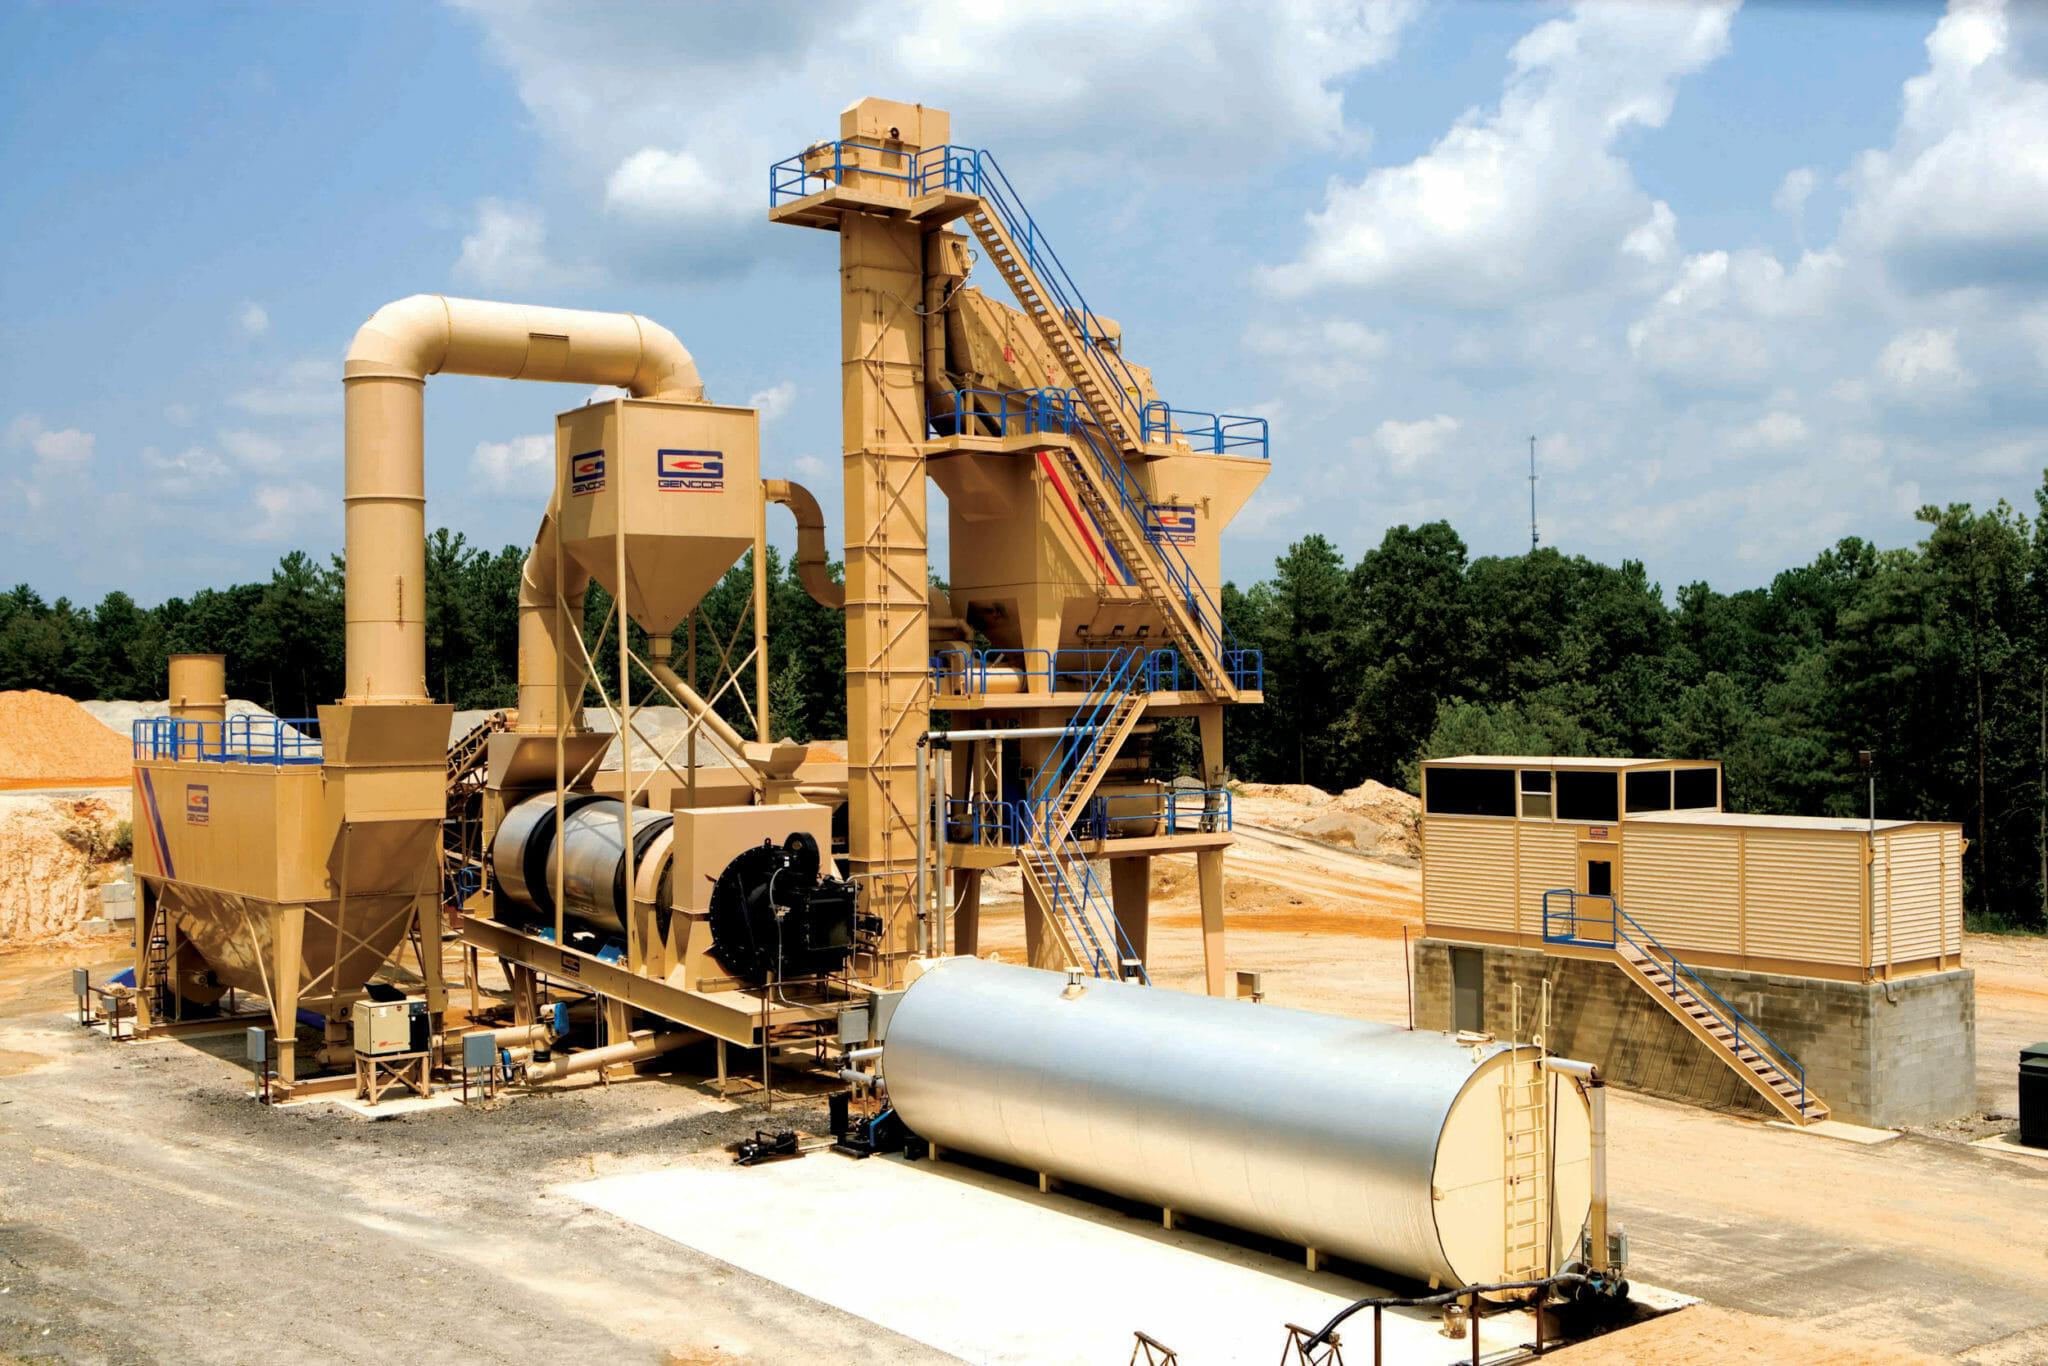 Gencor Batch Plant Riley Carthage, NC